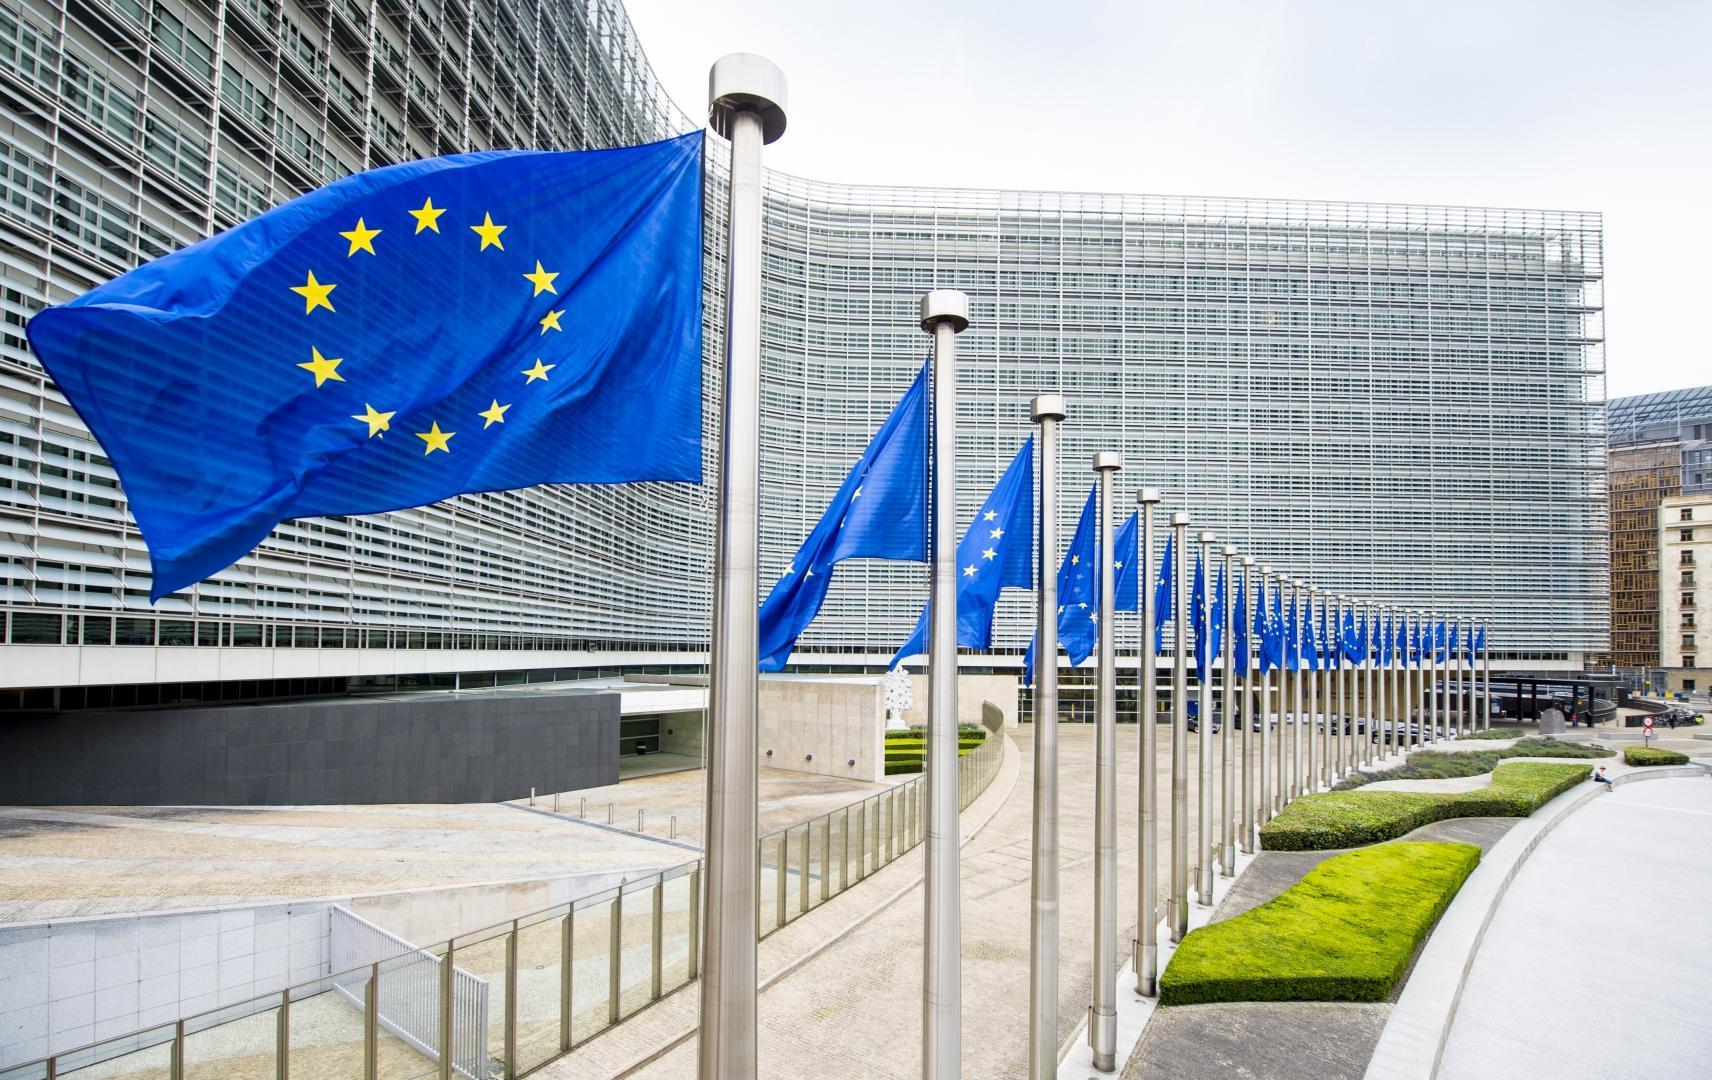 Еврокомиссия сделала новое предупреждение Кипру